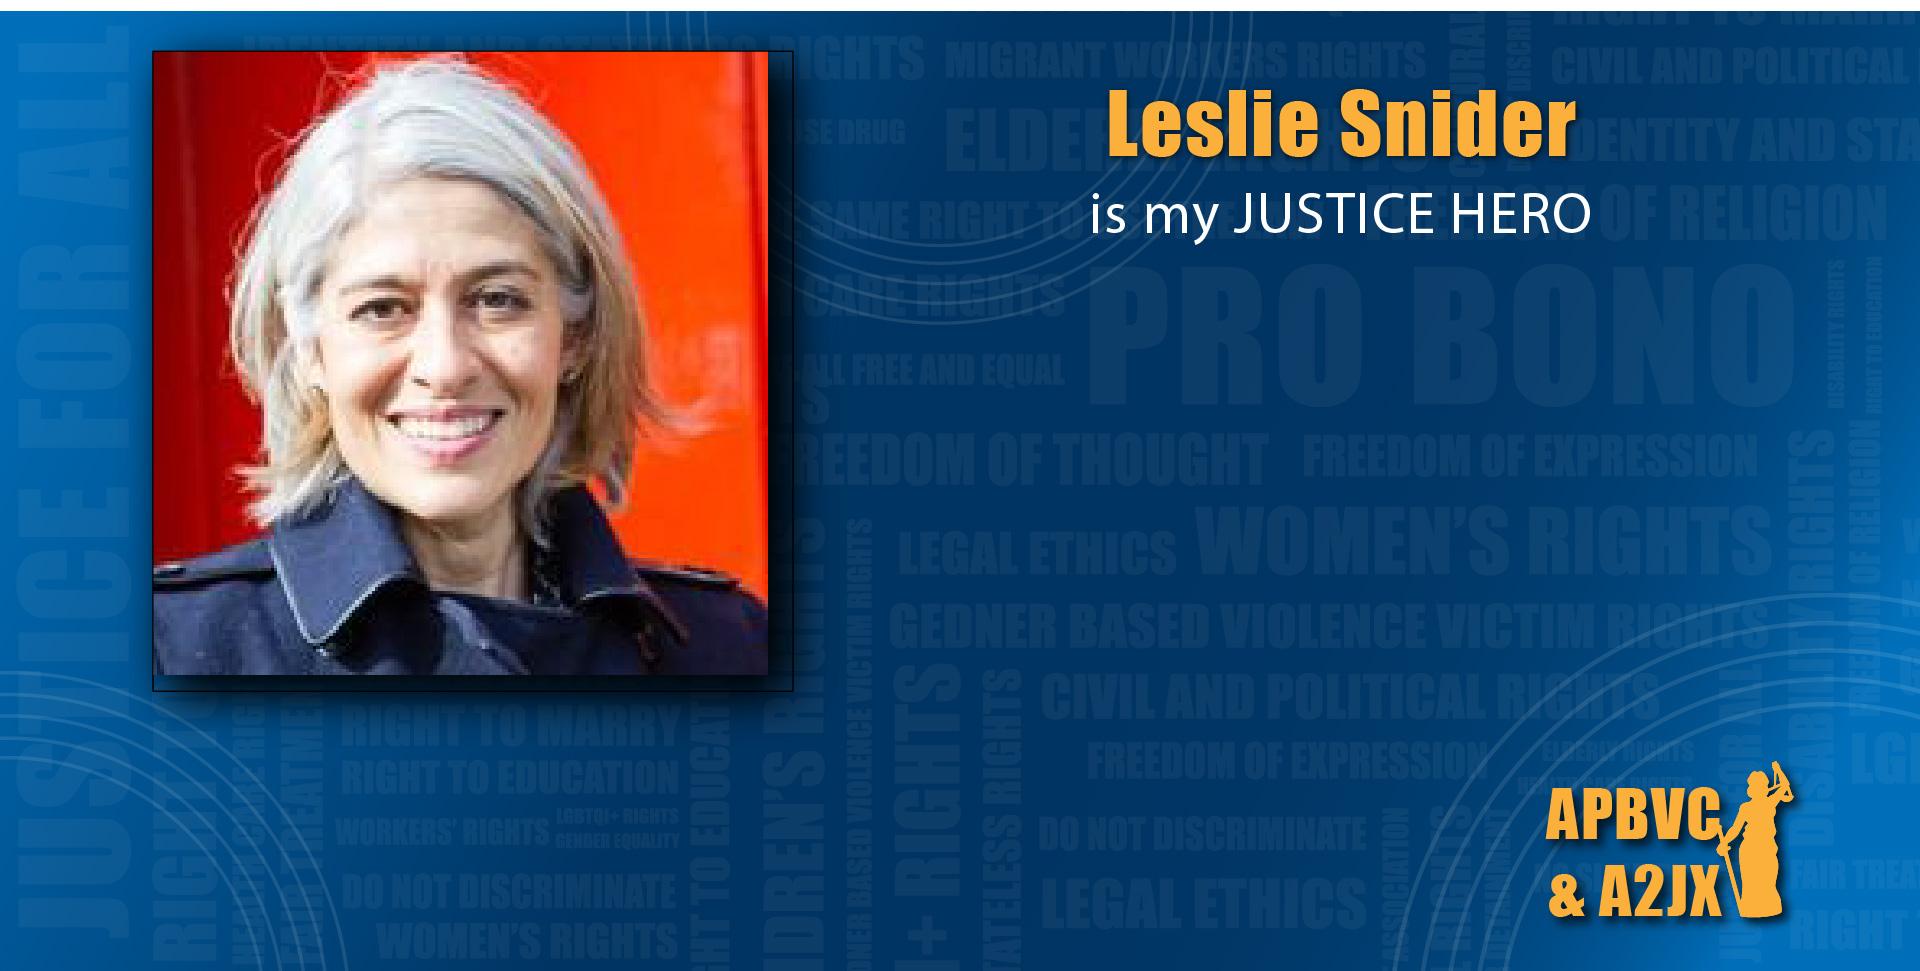 Leslie Snider